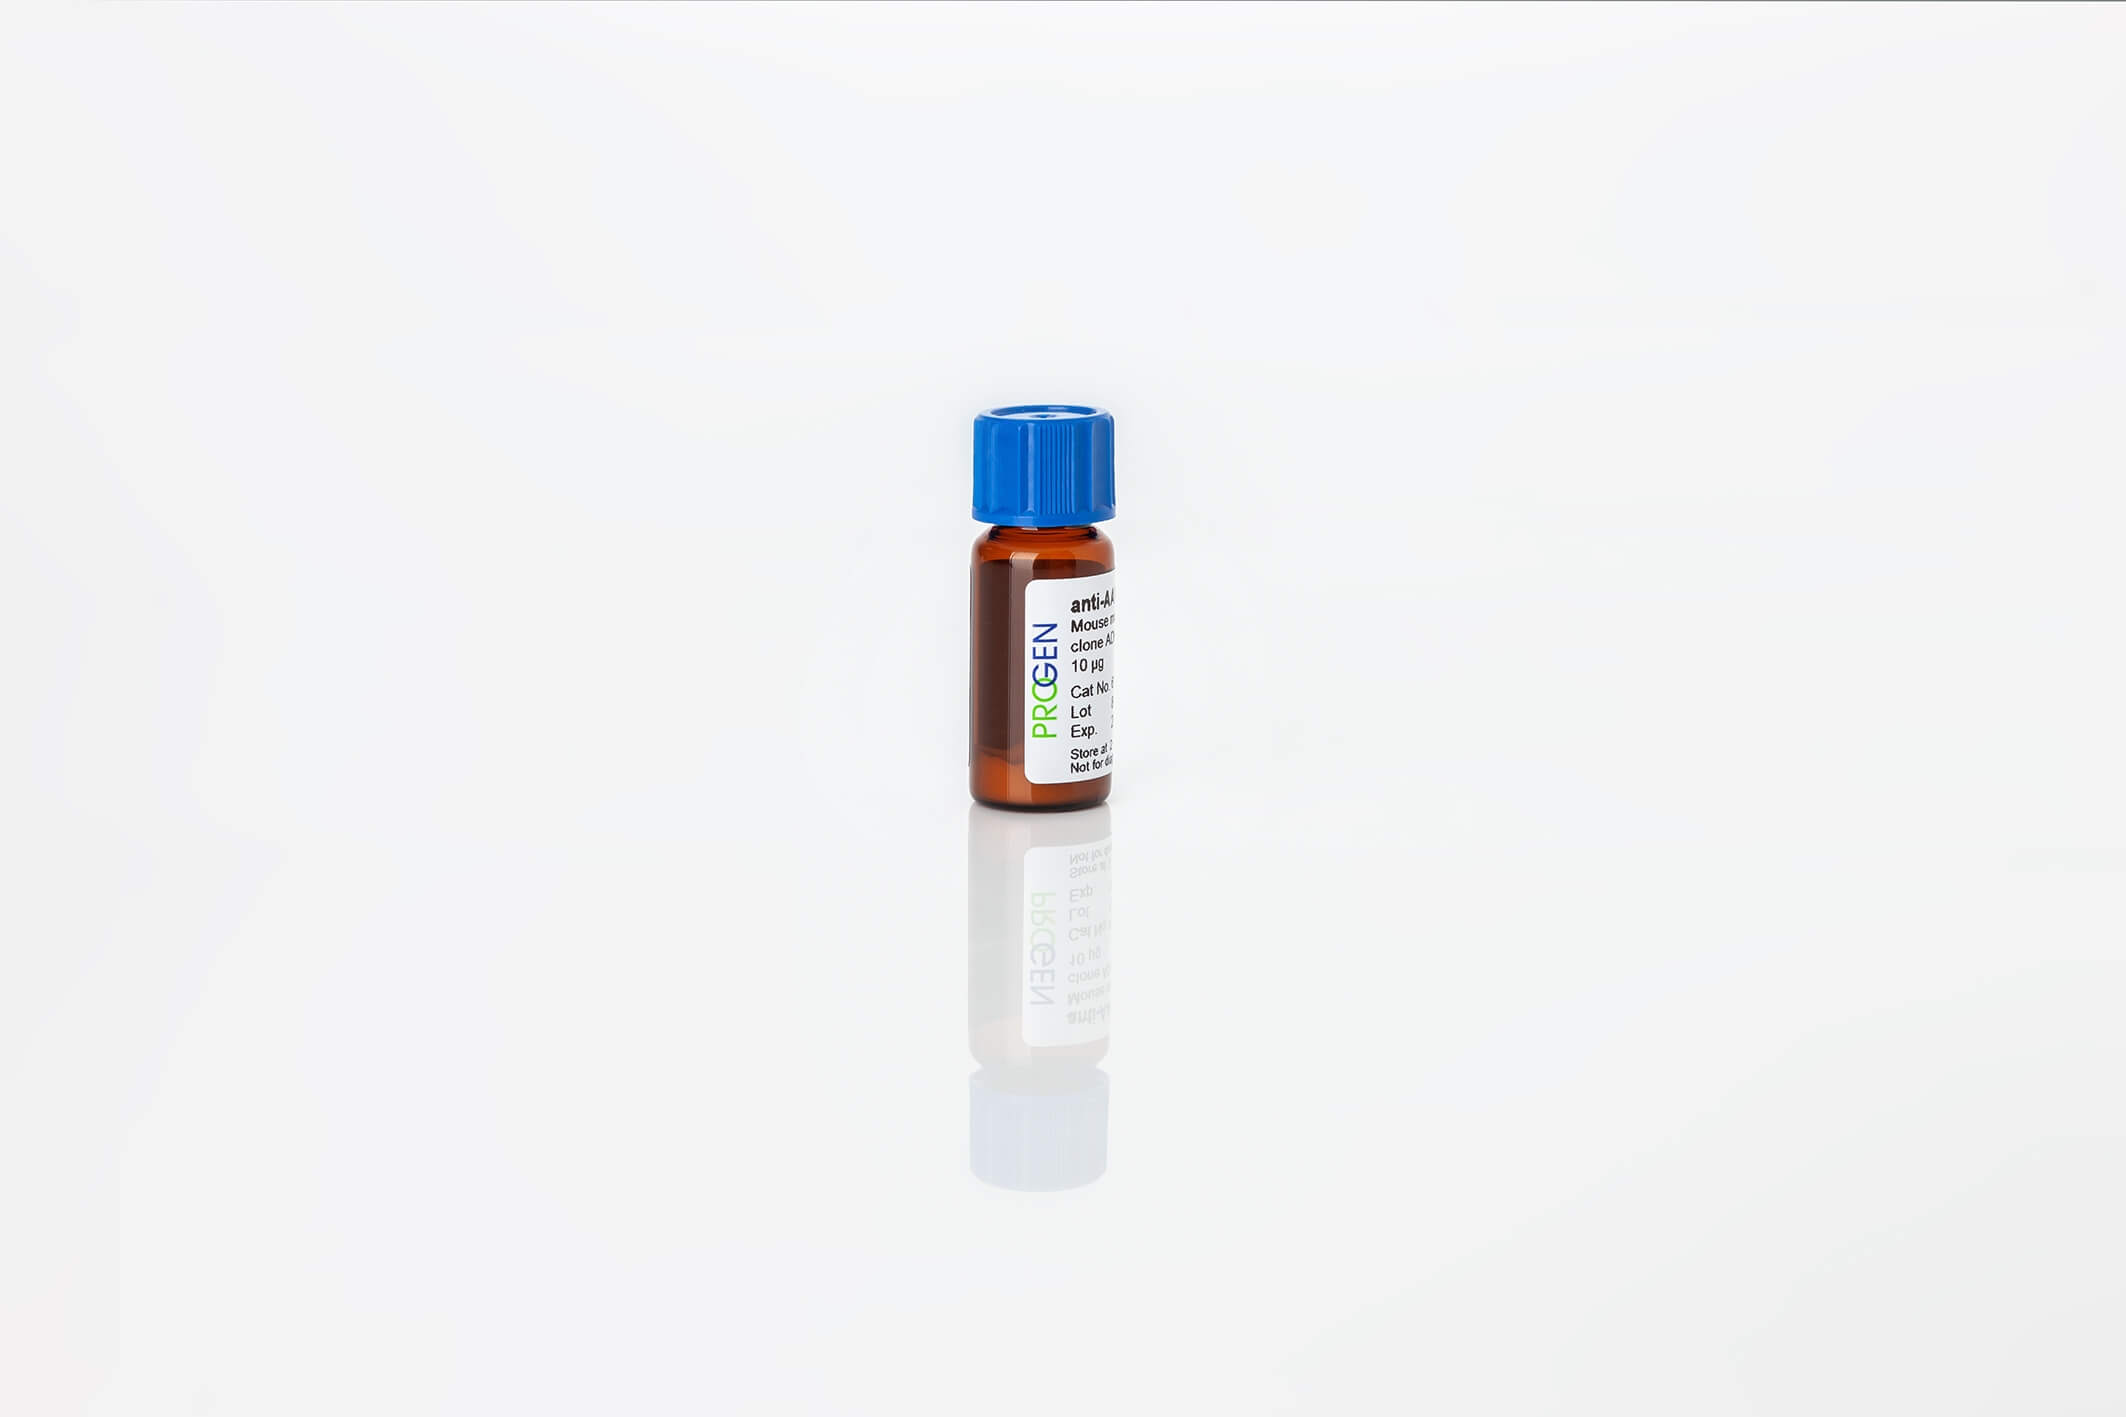 anti-Capsaicin Receptor rabbit polyclonal